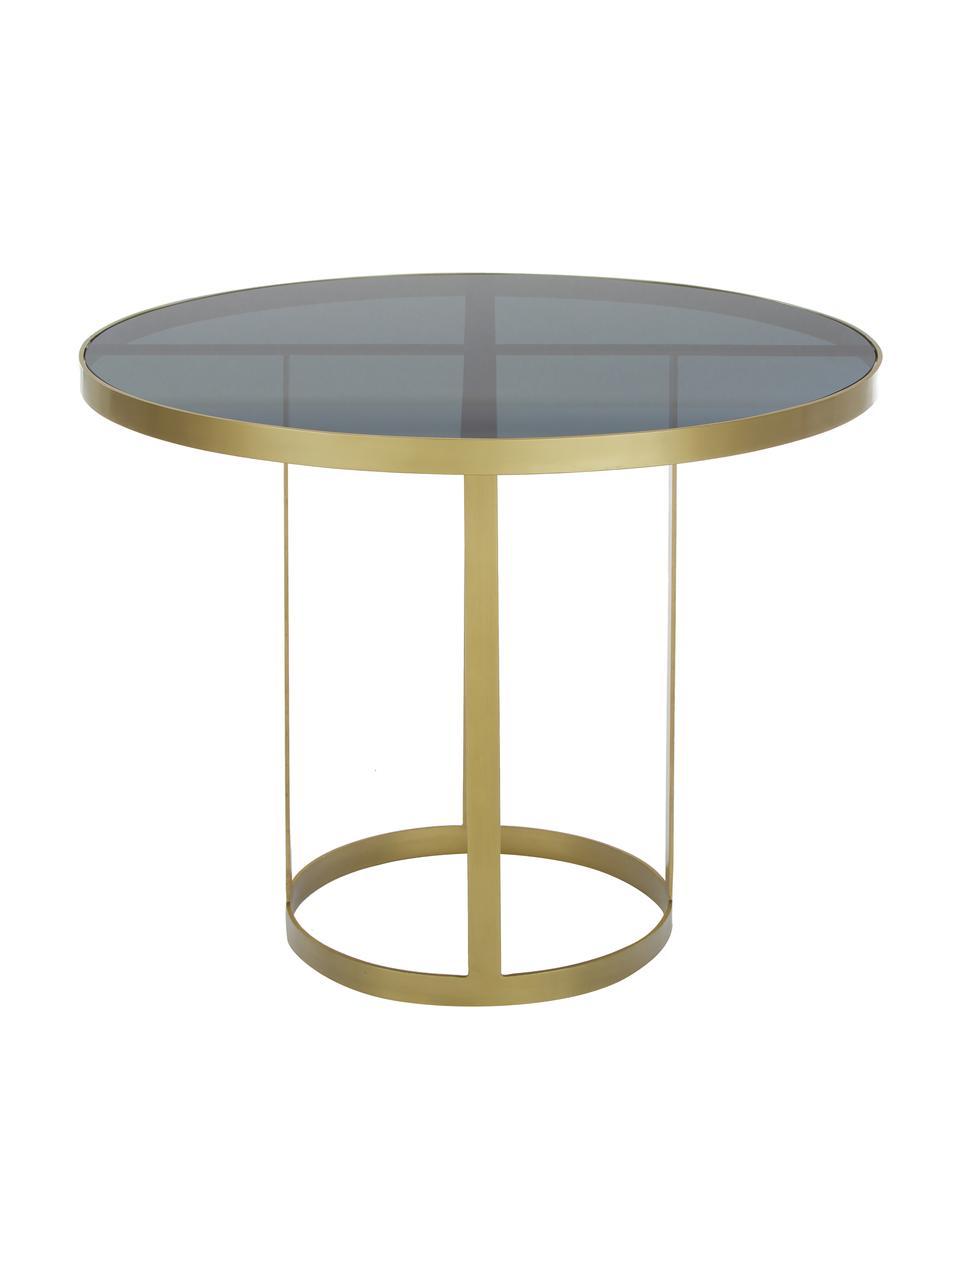 Table ronde en verre Marika, Ø 100 cm, Couleur dorée, transparent